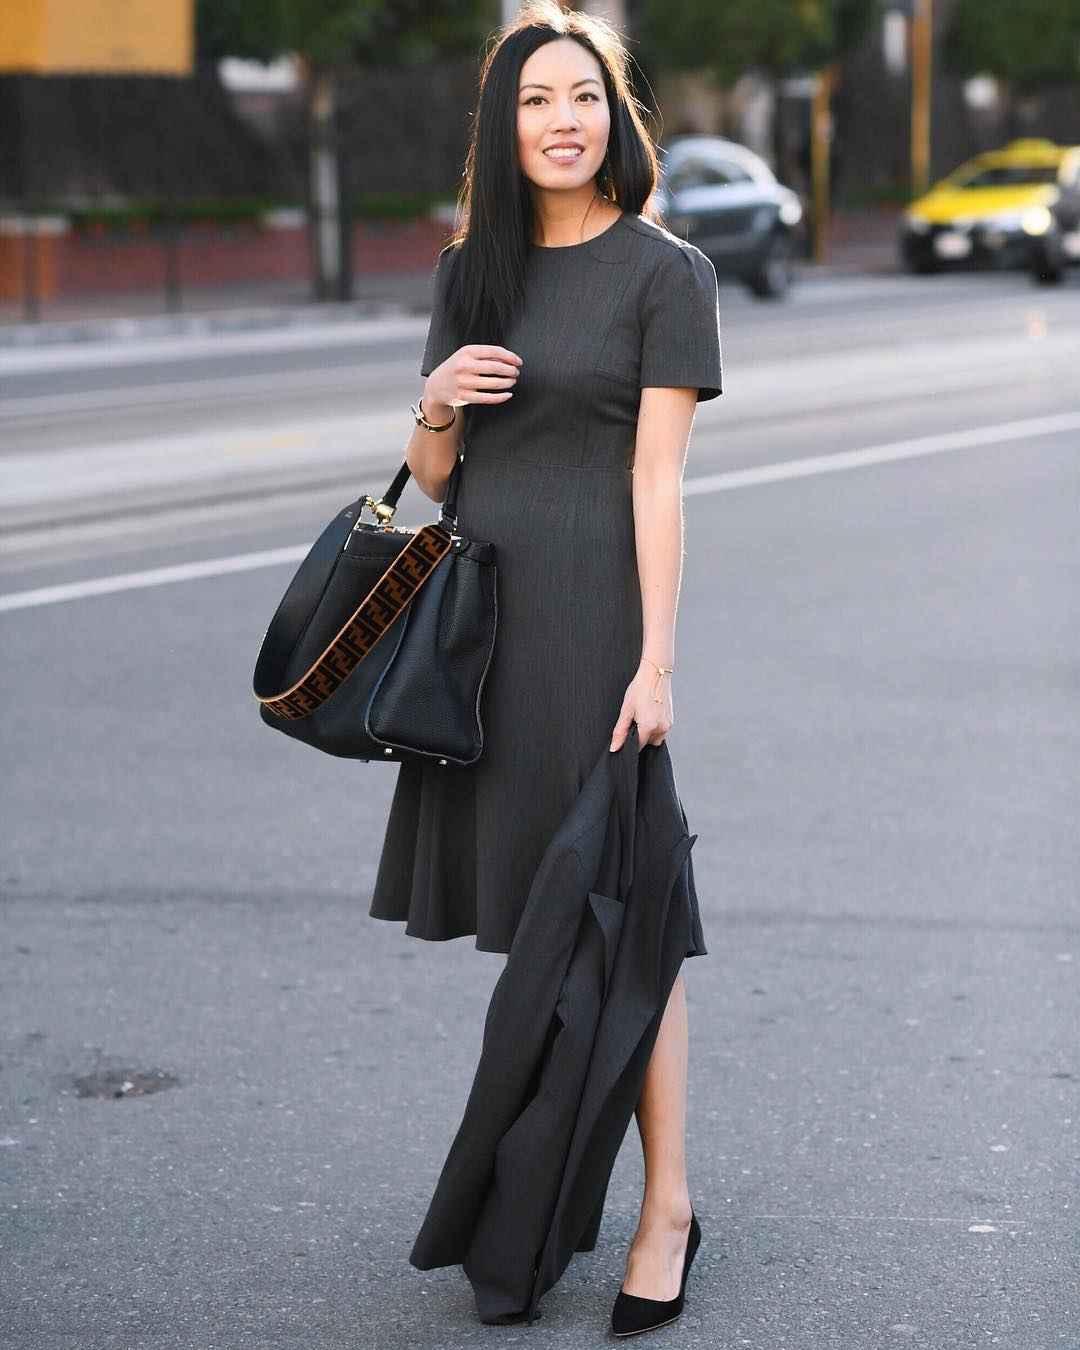 Деловые платья для женщин фото идеи_6